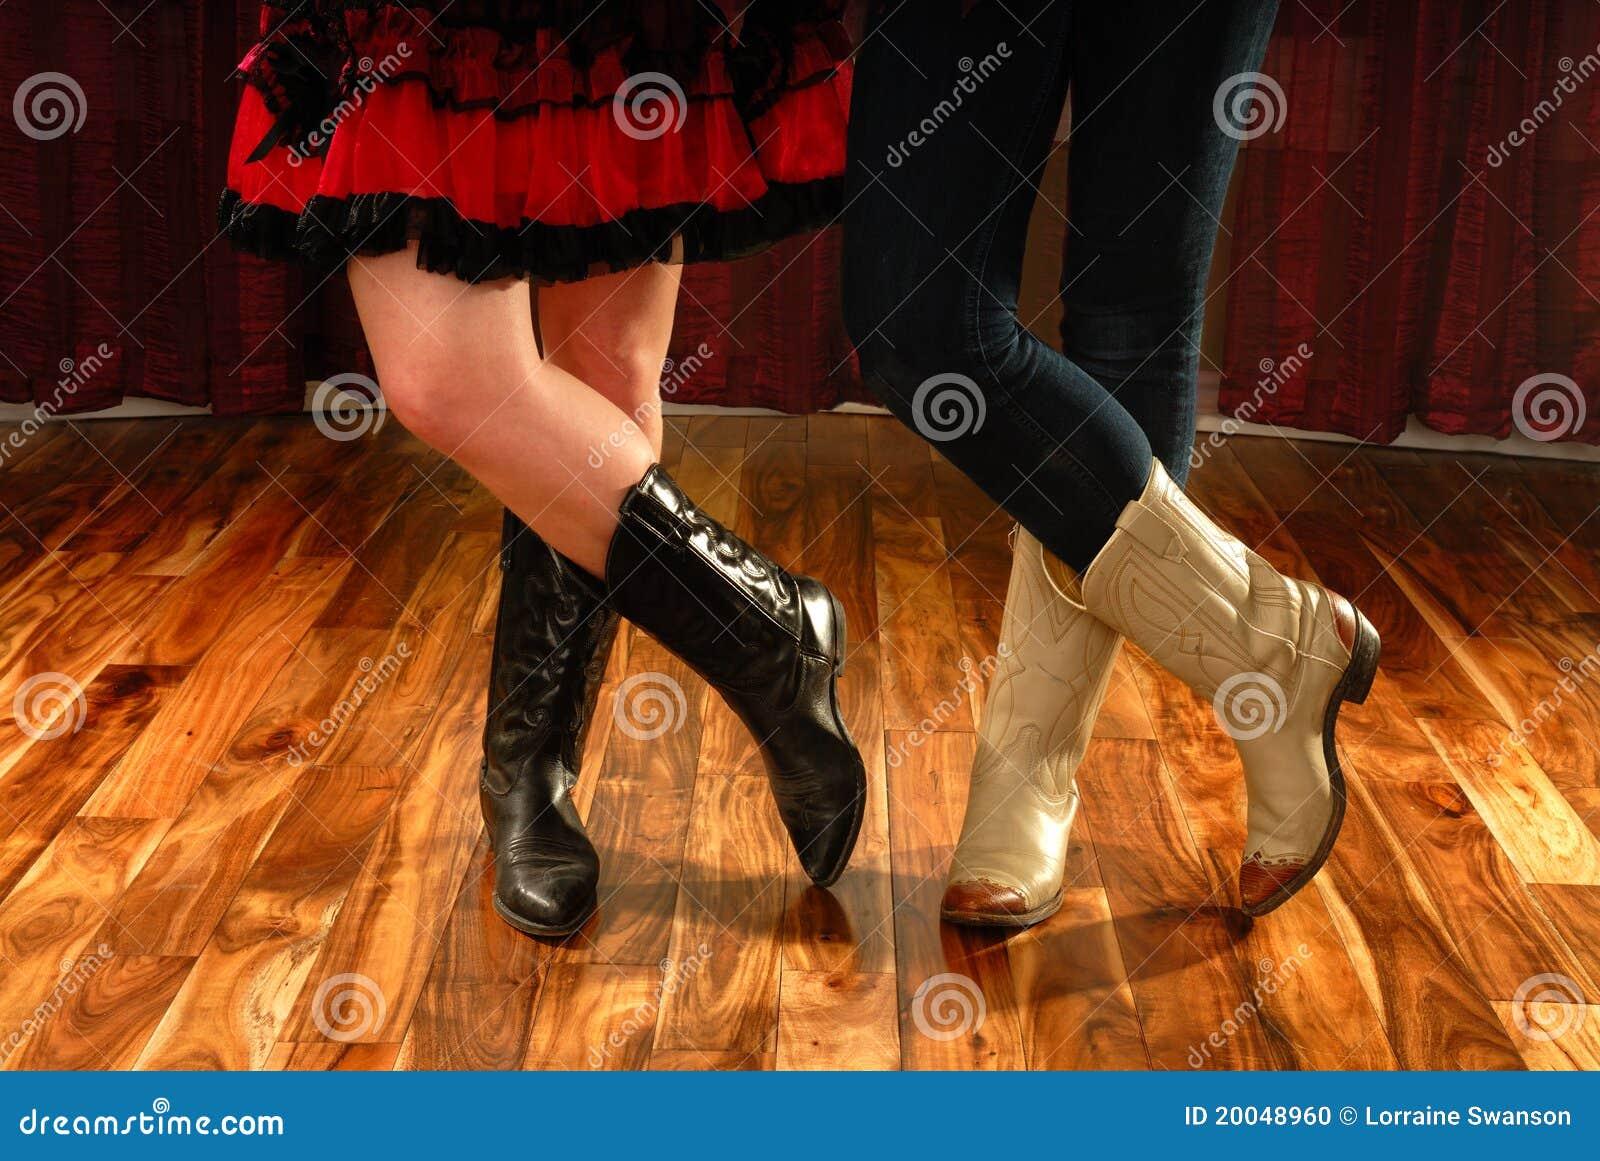 Linha pés da dança em carregadores de cowboy